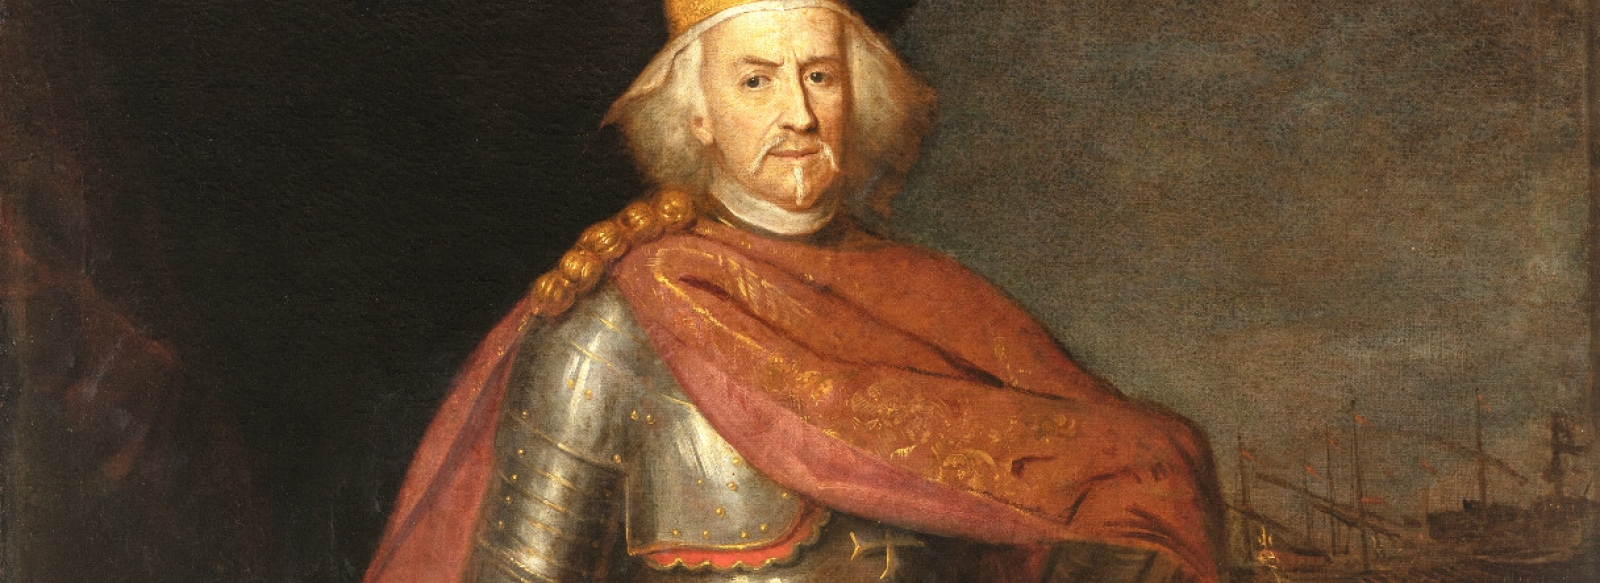 Francesco Morosini: the last Serenissima's hero between history and myth